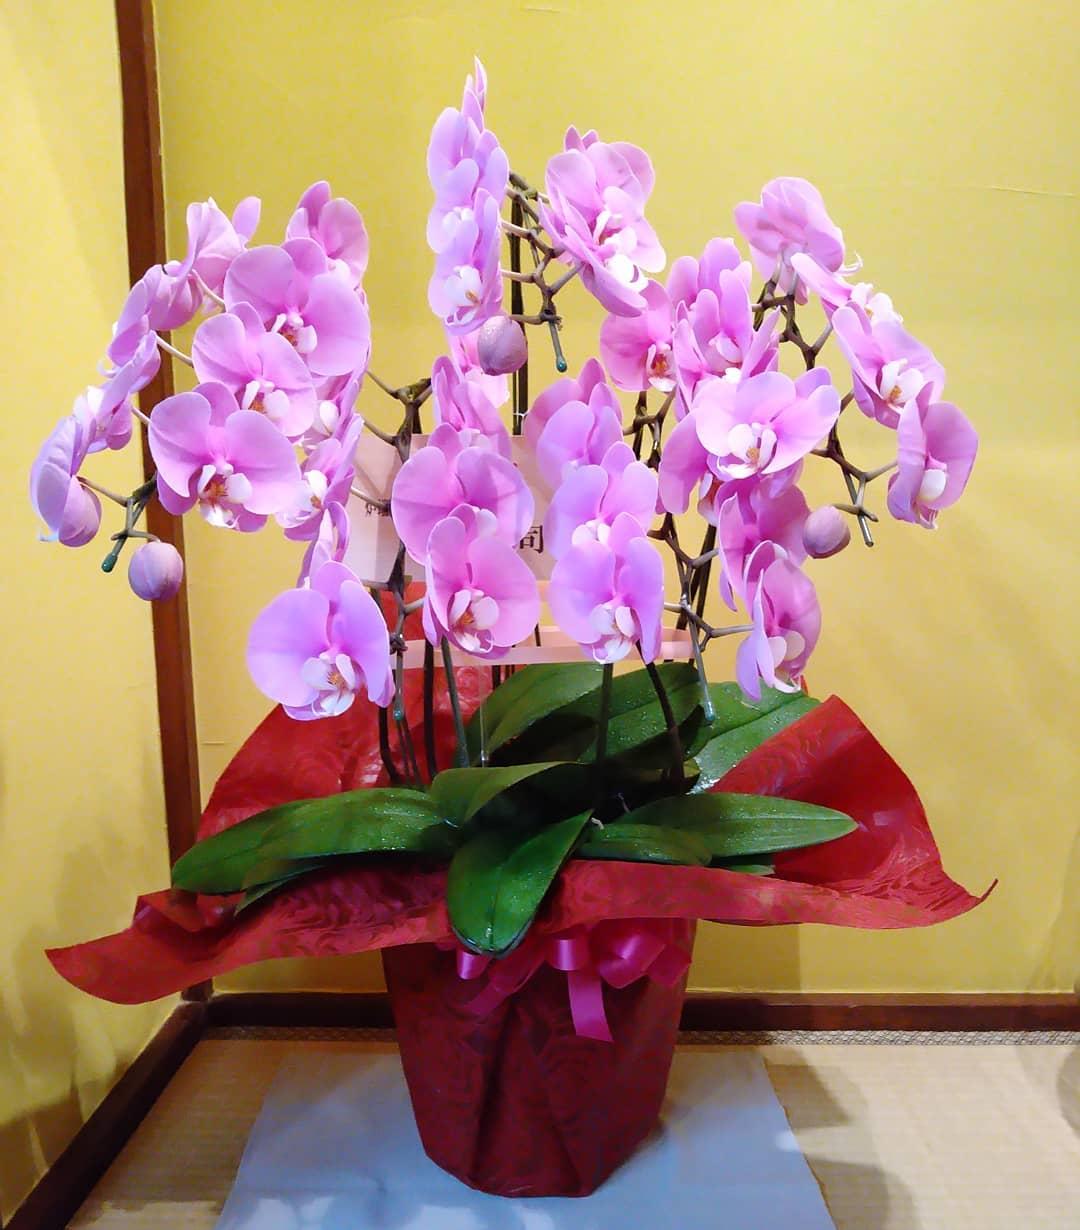 素敵なお花が届きました。 大切に大切に飾らせて頂きます。